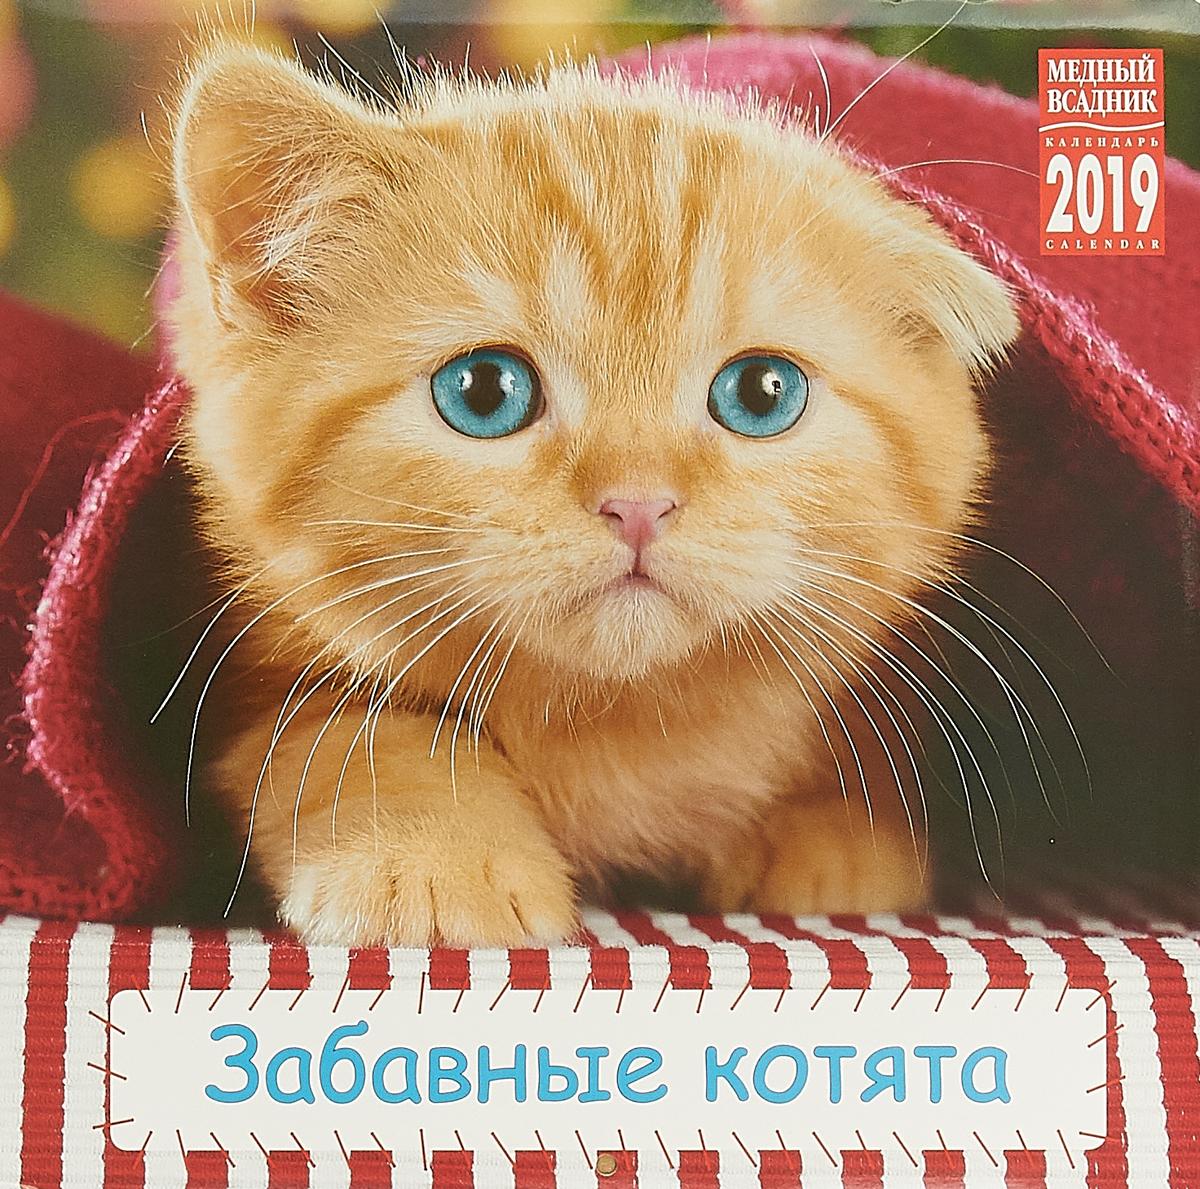 Календарь на скрепке на 2019 год. Забавные котята недорого